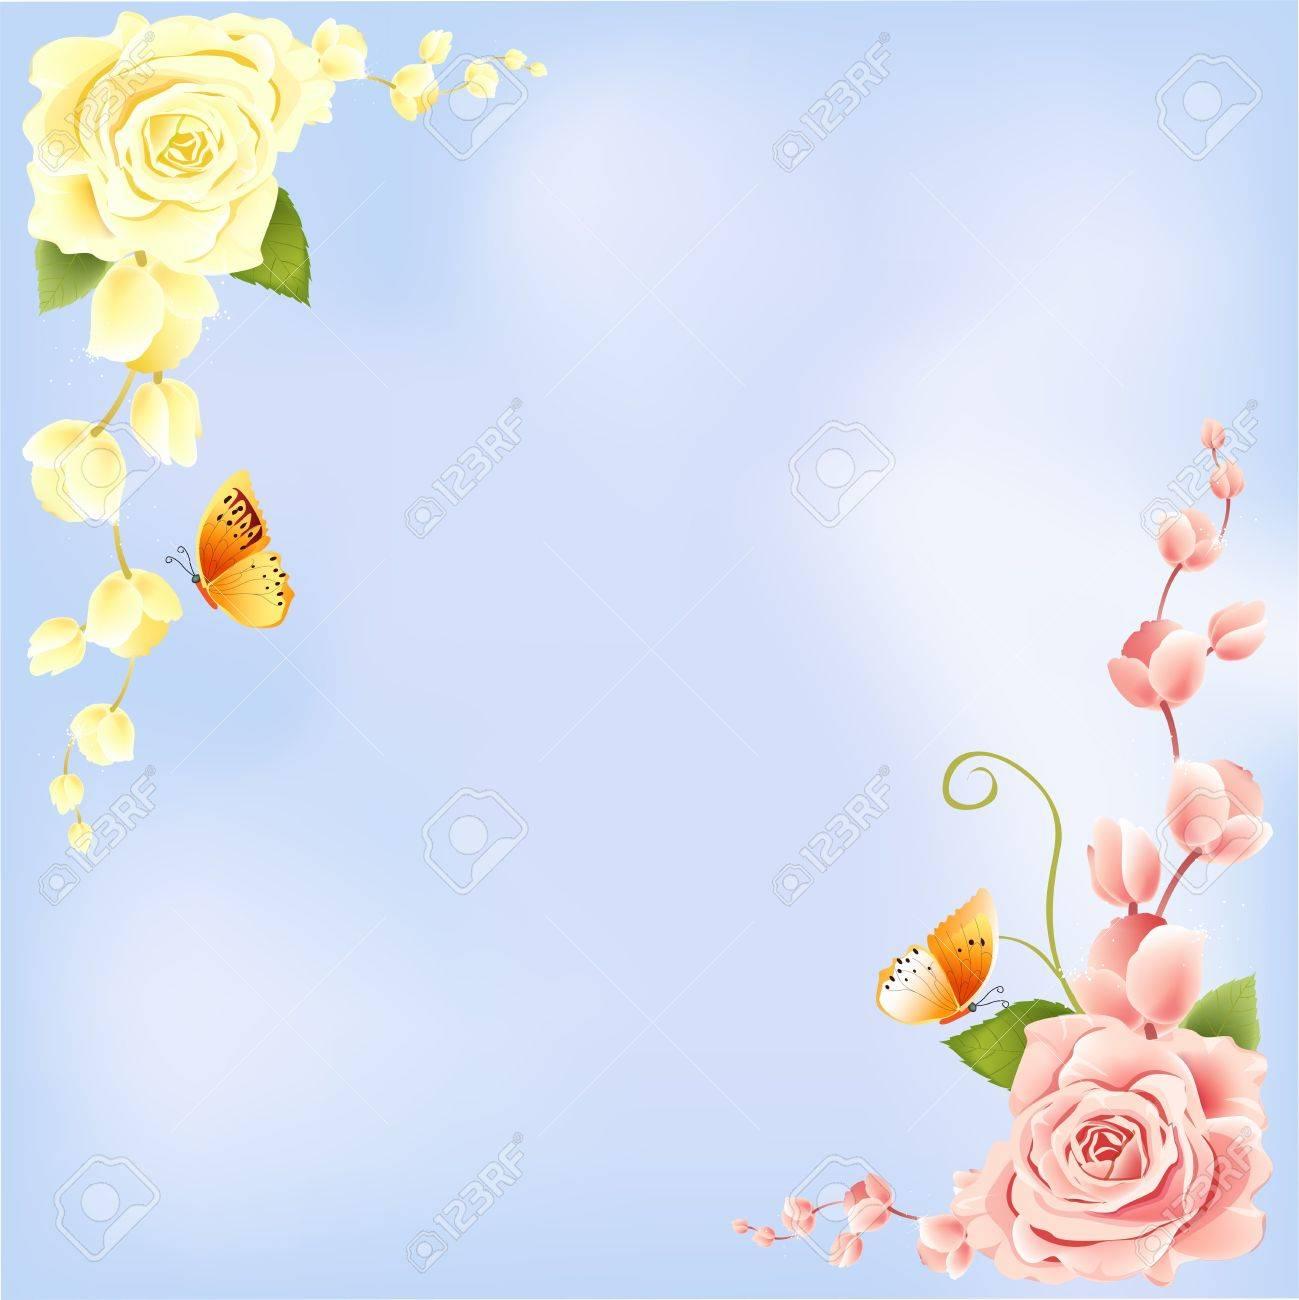 Rose on Blue Background Stock Photo - 5336577